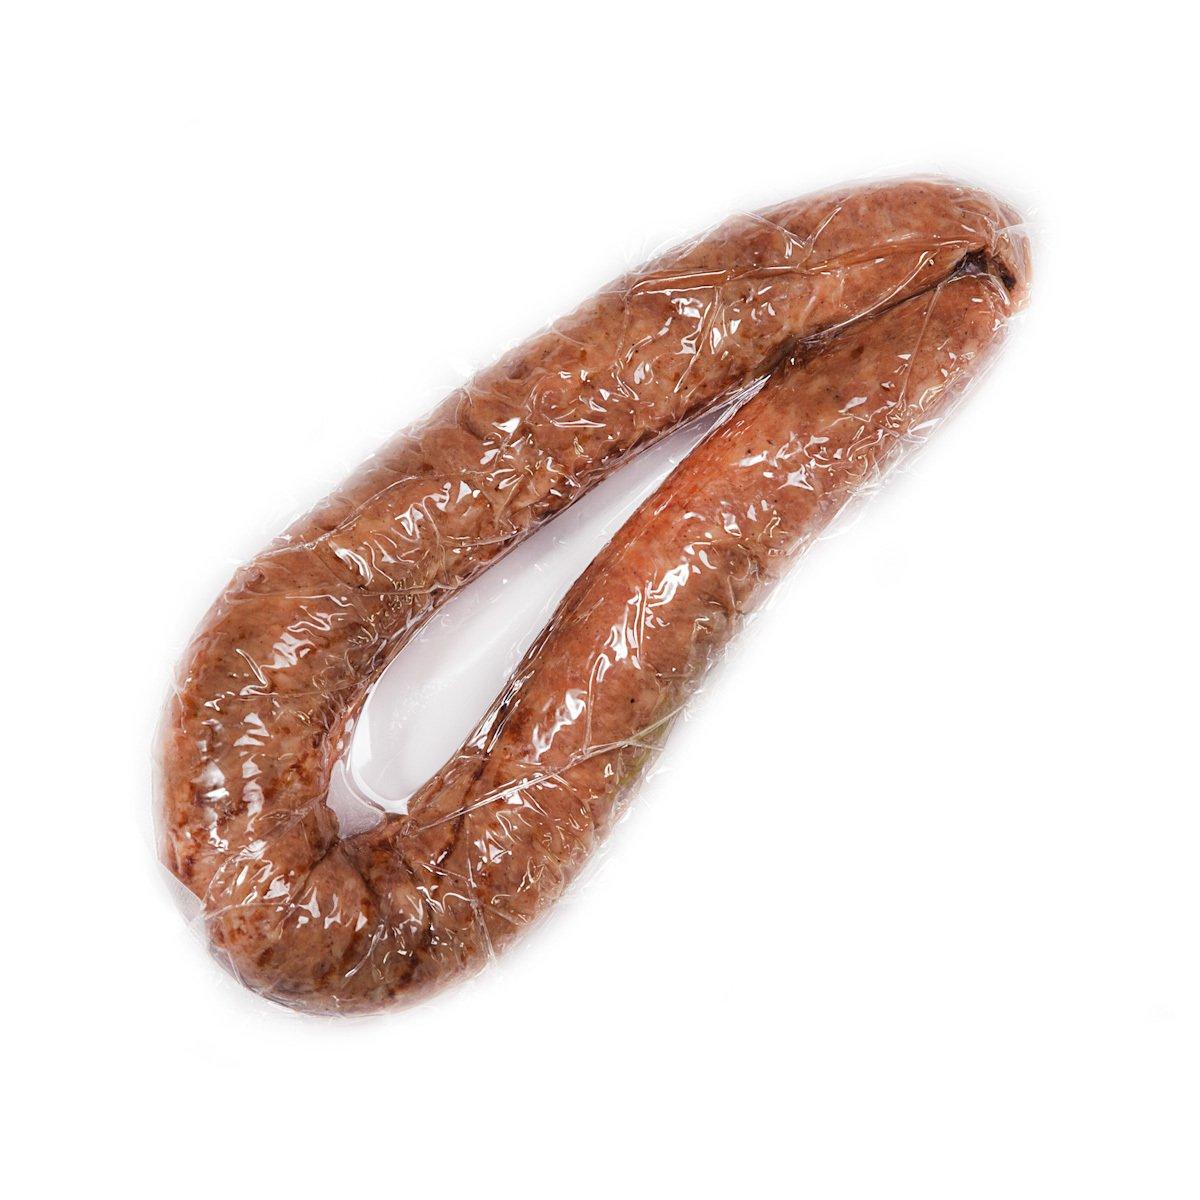 Домашняя копченая колбаса